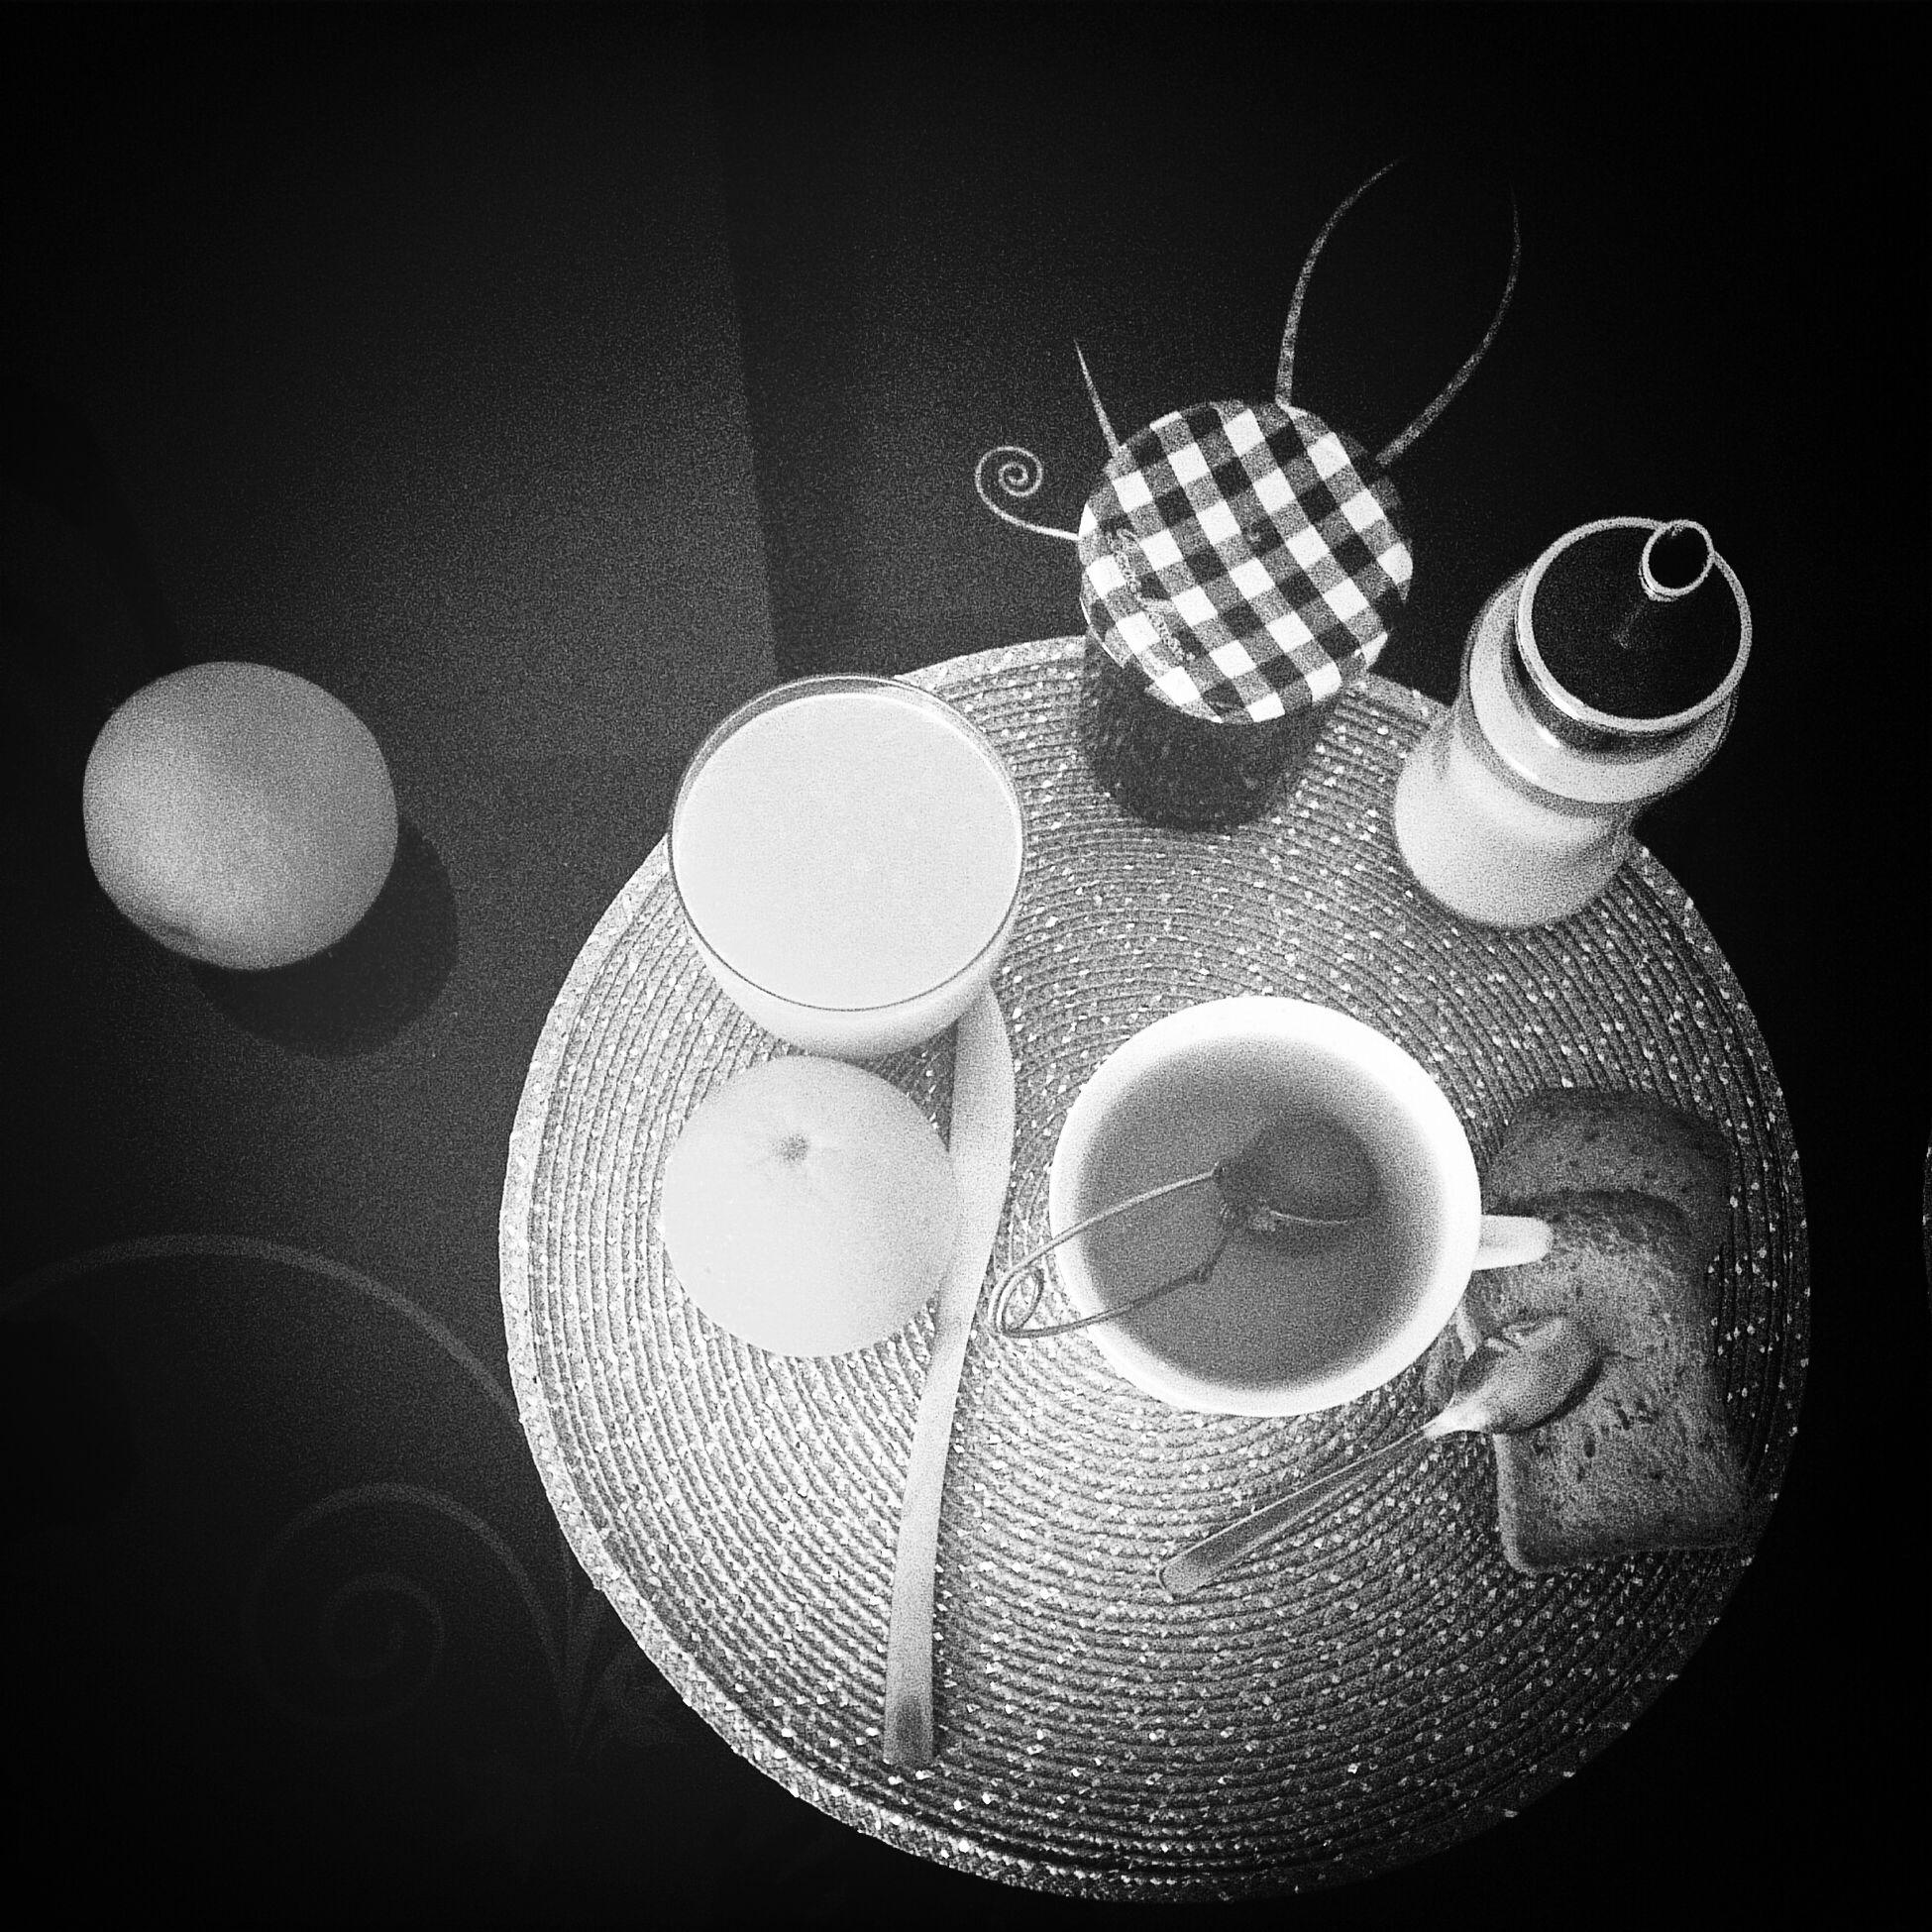 Petitdejeuner Goodmorning Wakeup Paris